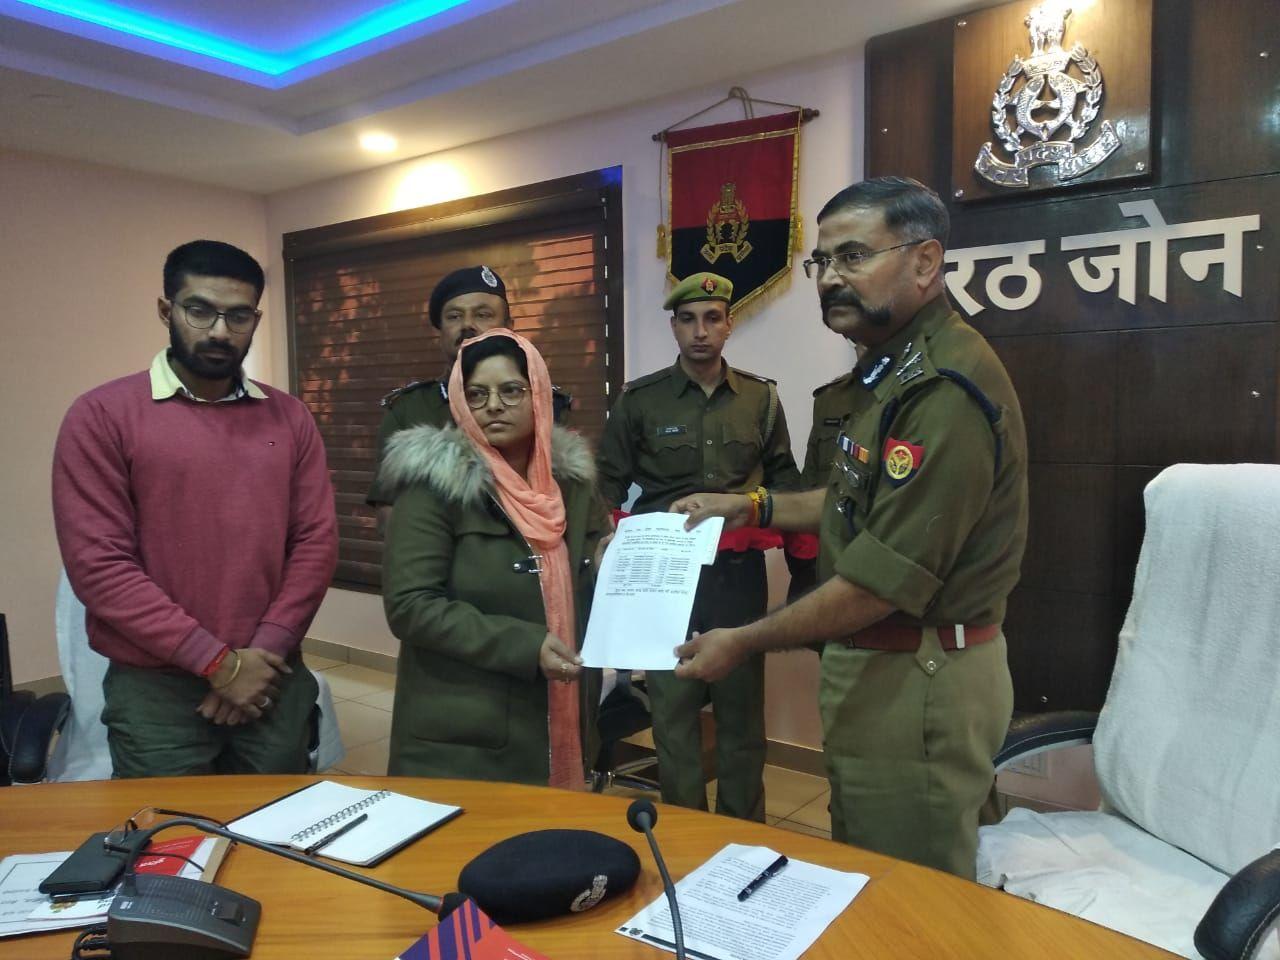 एडीजी प्रशांत कुमार ने दिया शहीद सुबोध कुमार की पत्नी को 70 लाख 8 हजार का चेक